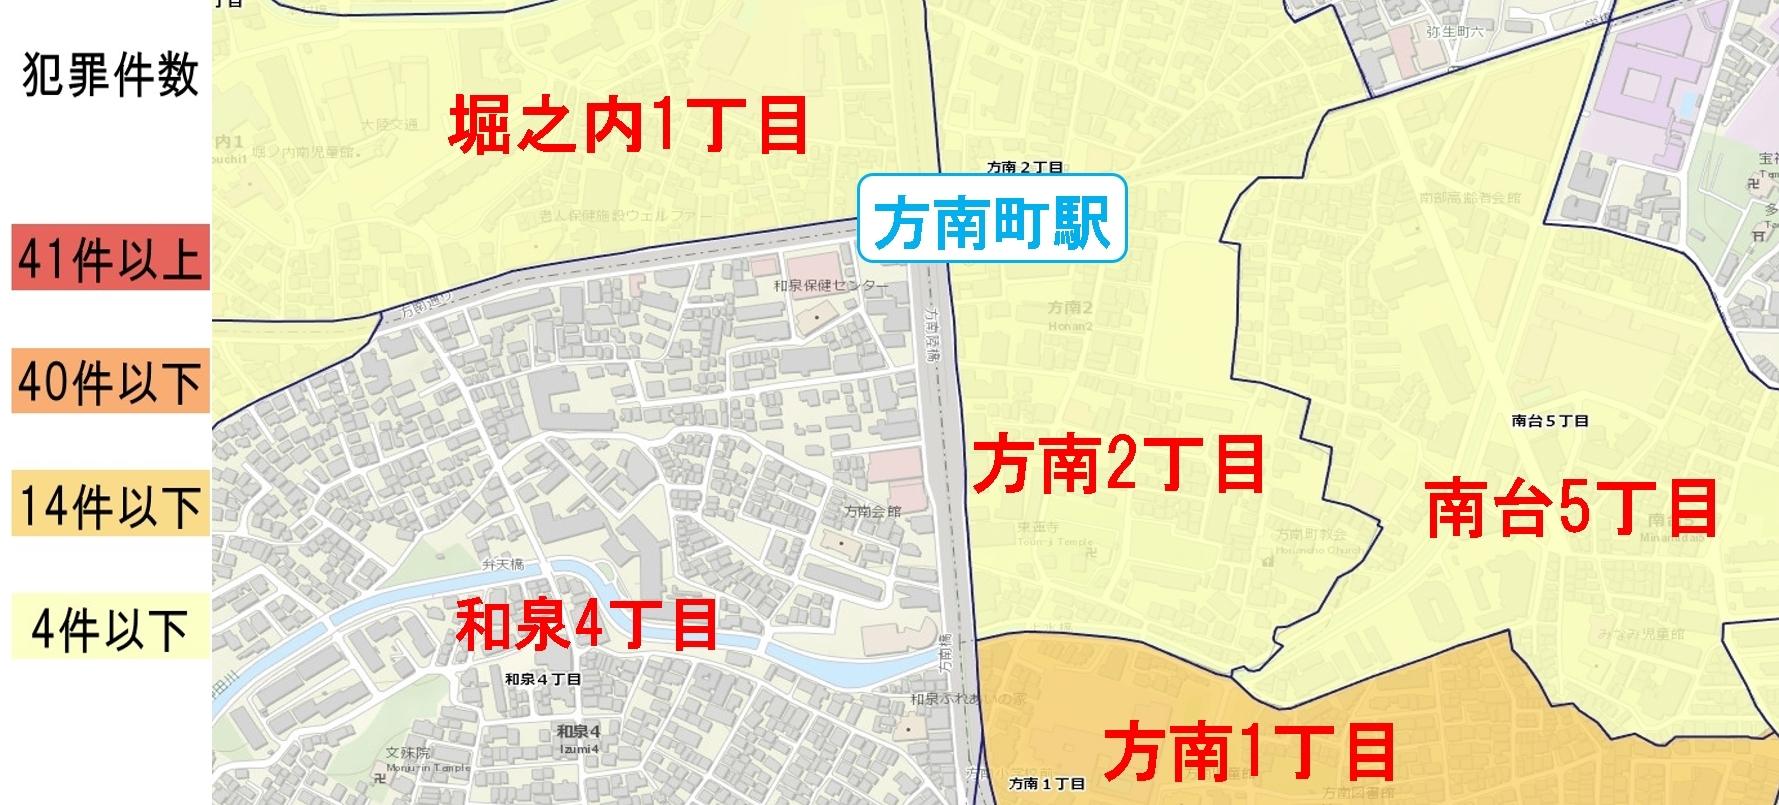 方南町駅周辺の粗暴犯の犯罪件数マップ